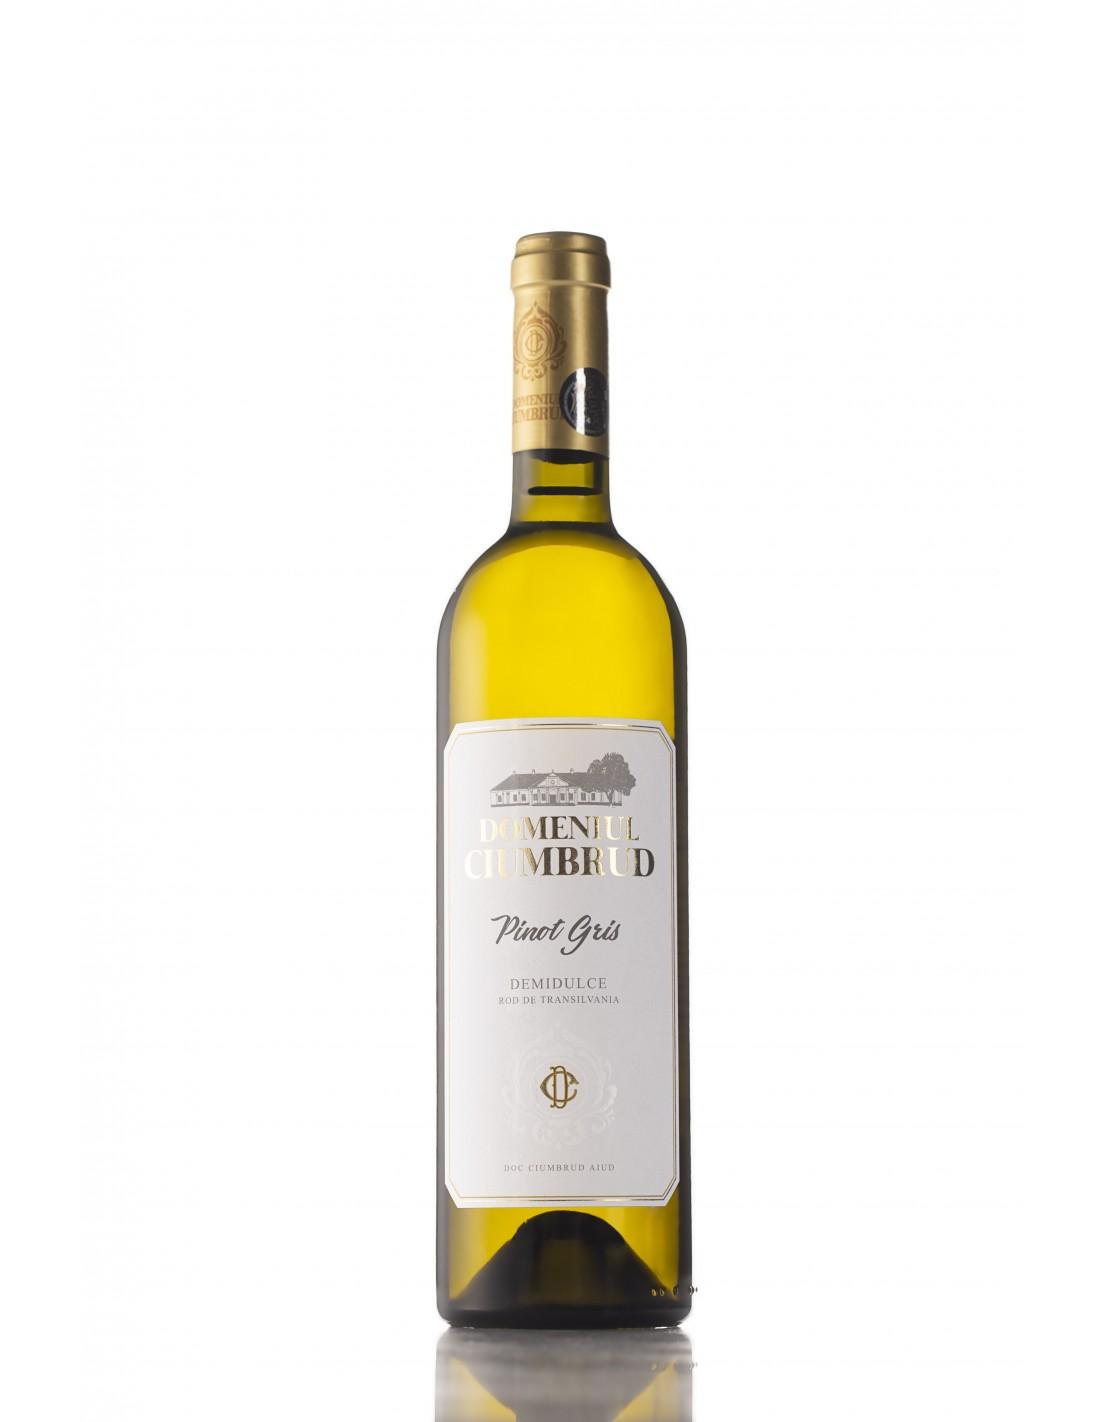 Vin alb demidulce, Pinot Gris, Domeniul Ciumbrud, 12.6% alc., 0.75L, Romania